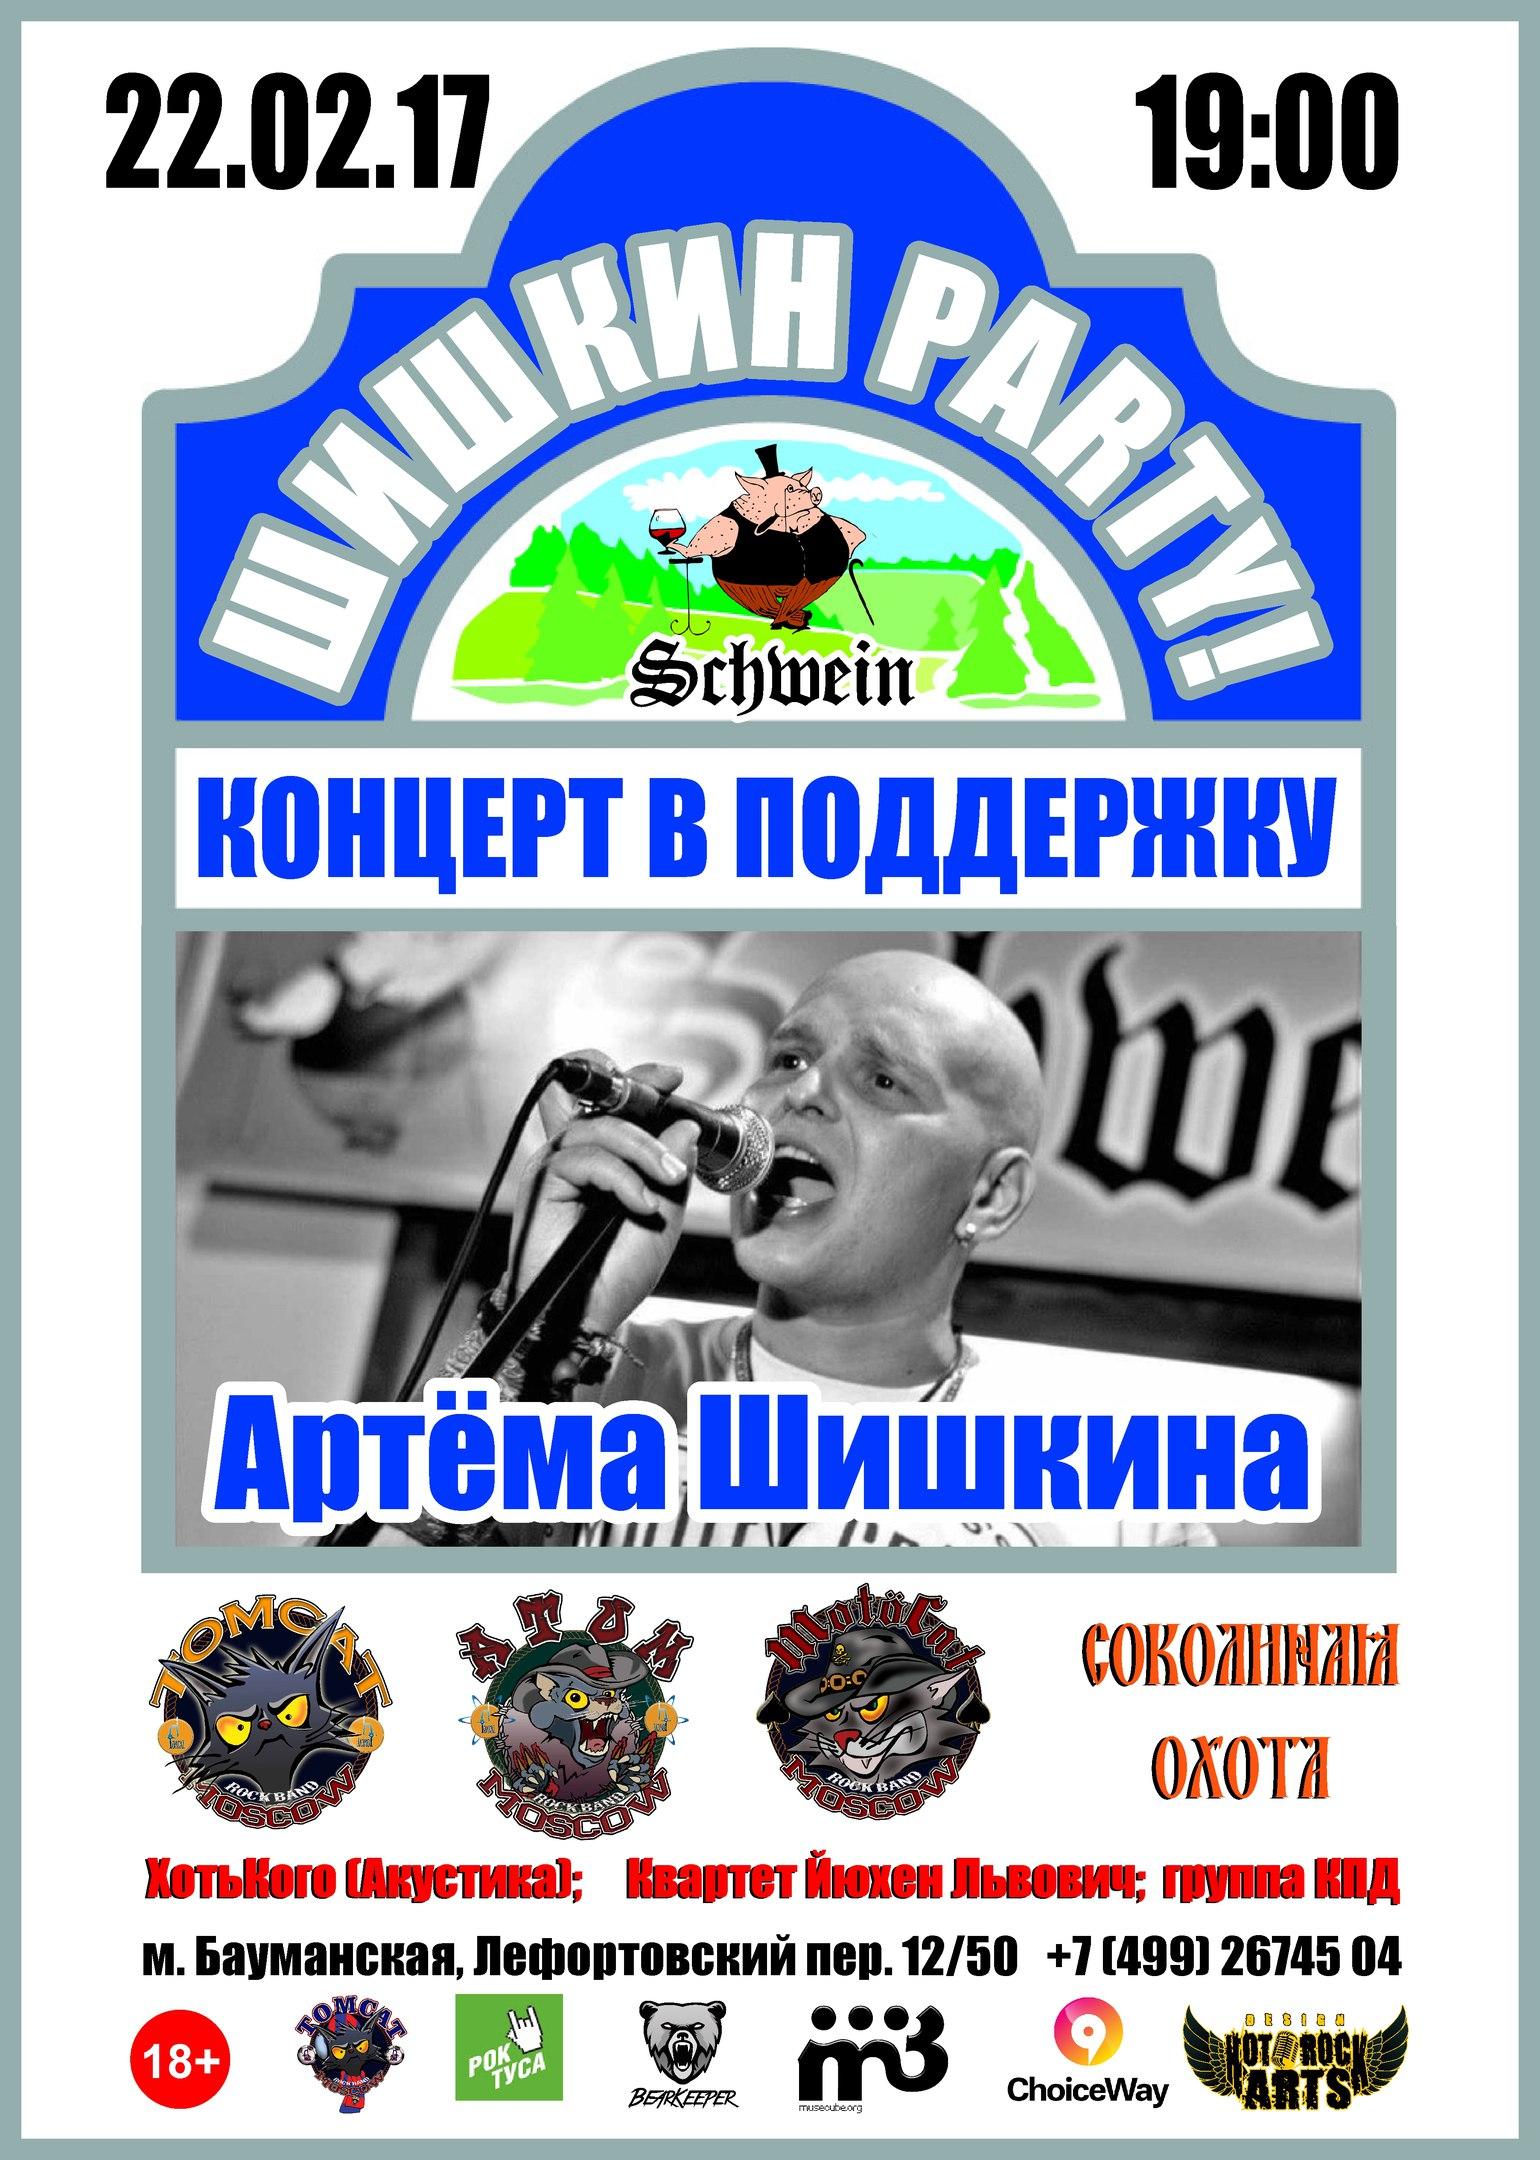 22.02 – Шишкин Partty – SCHWEIN (Мск)